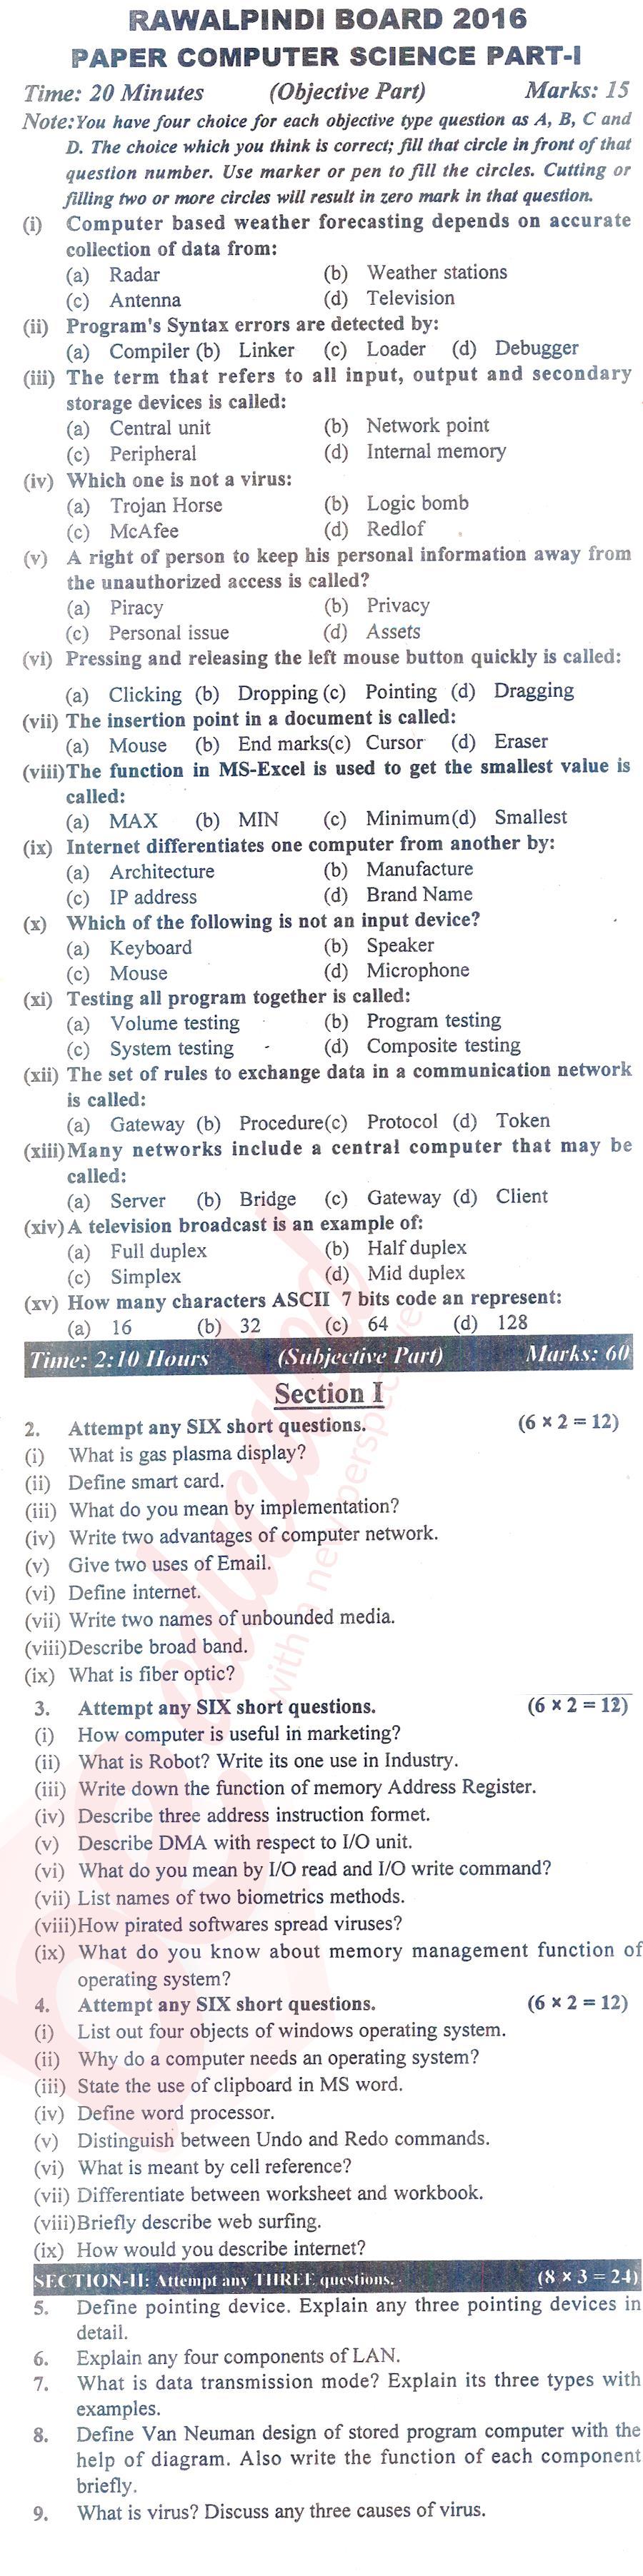 Computer essay